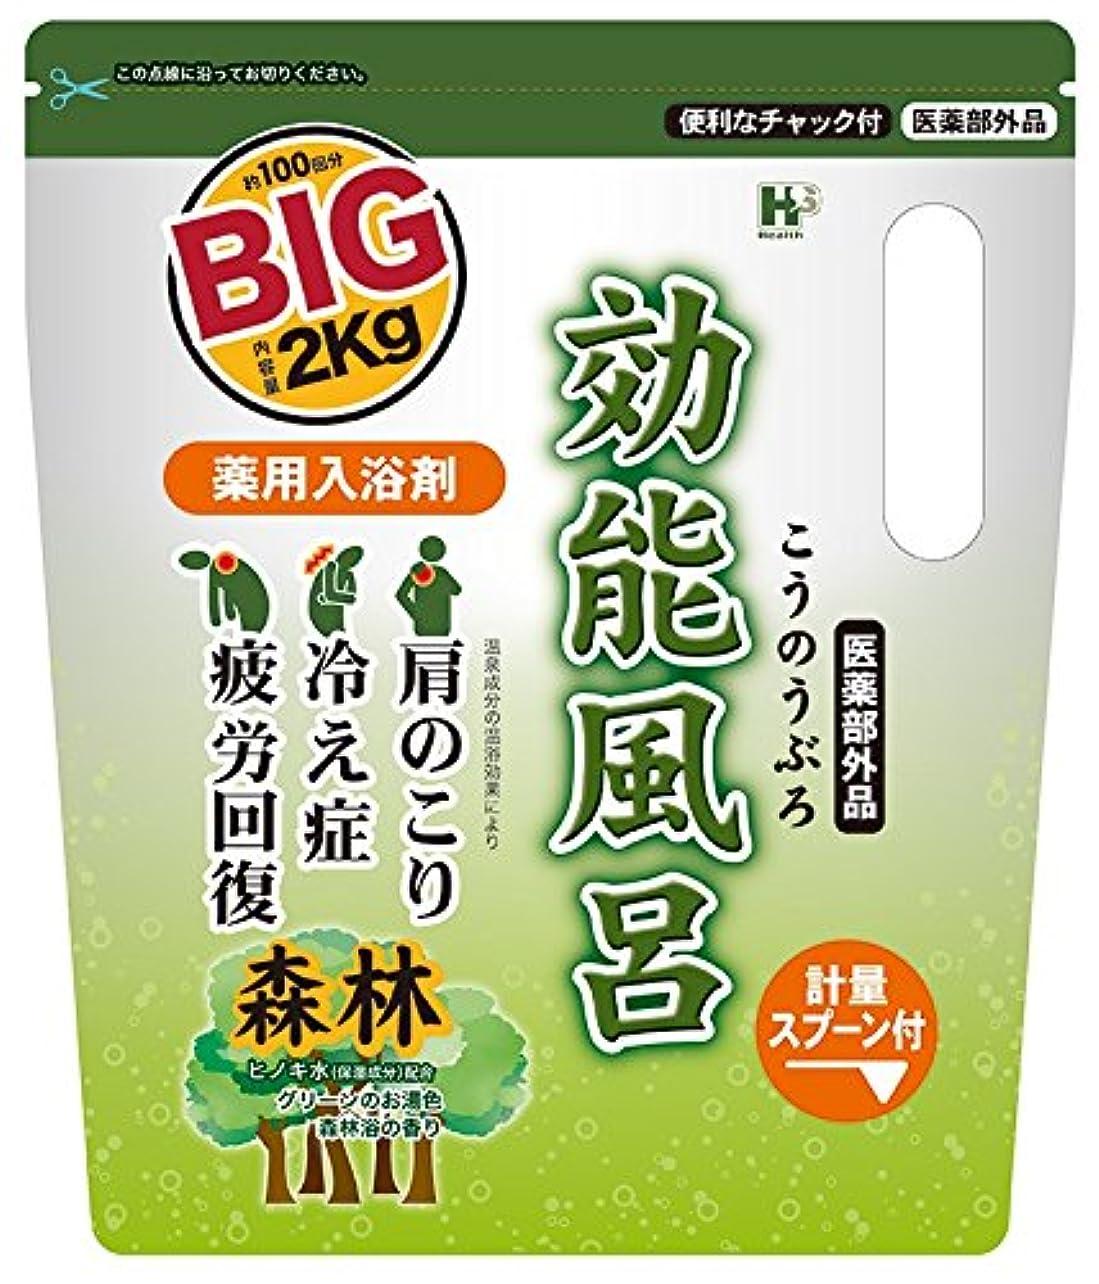 成り立つ火炎城薬用入浴剤 効能風呂 森林の香り BIGサイズ 2kg [医薬部外品]